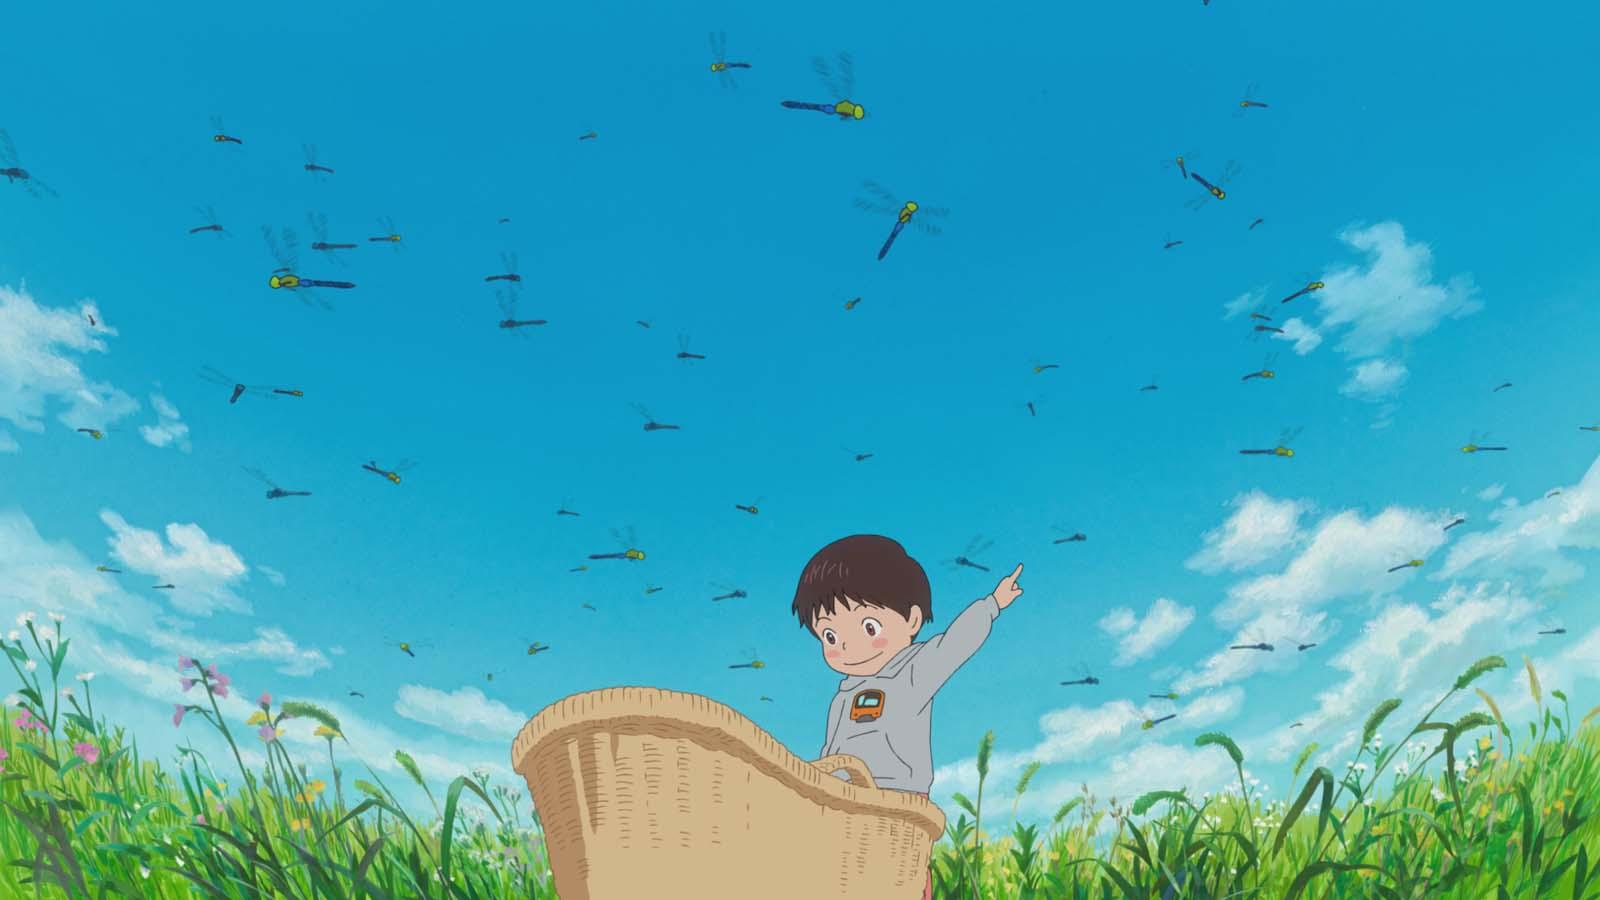 """Dank der Fankultur kommen zumindest Animes wie """"Mirai"""" in Deutschland auch regulär ins Kino."""